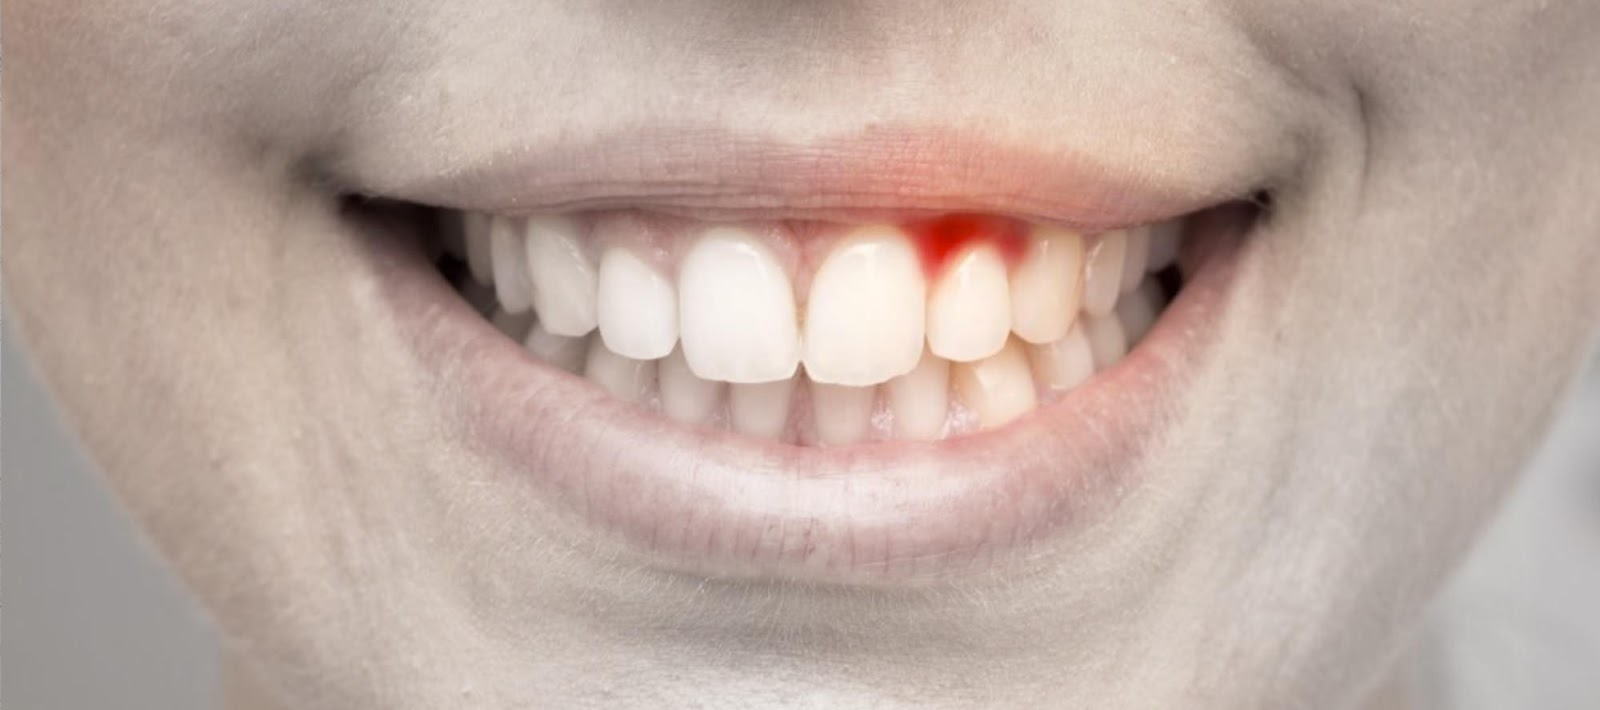 Il sanguinamento delle gengive | Dentisti AKOS Centro Odontoiatrico Dentisti a Parma Carpi Modena Reggio Emilia Mantova